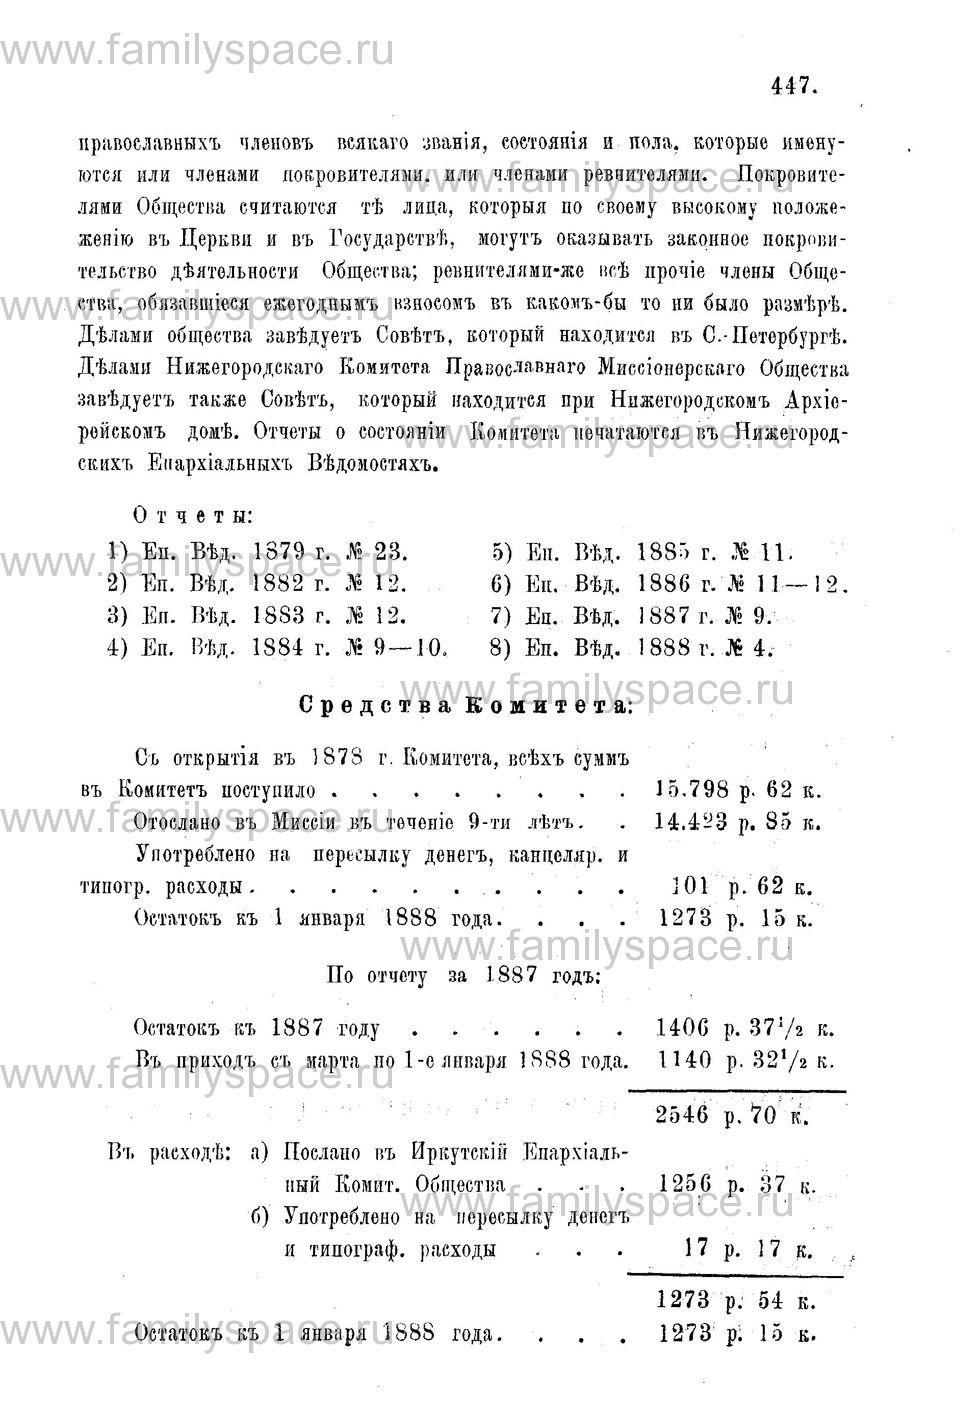 Поиск по фамилии - Адрес-календарь Нижегородской епархии на 1888 год, страница 1447